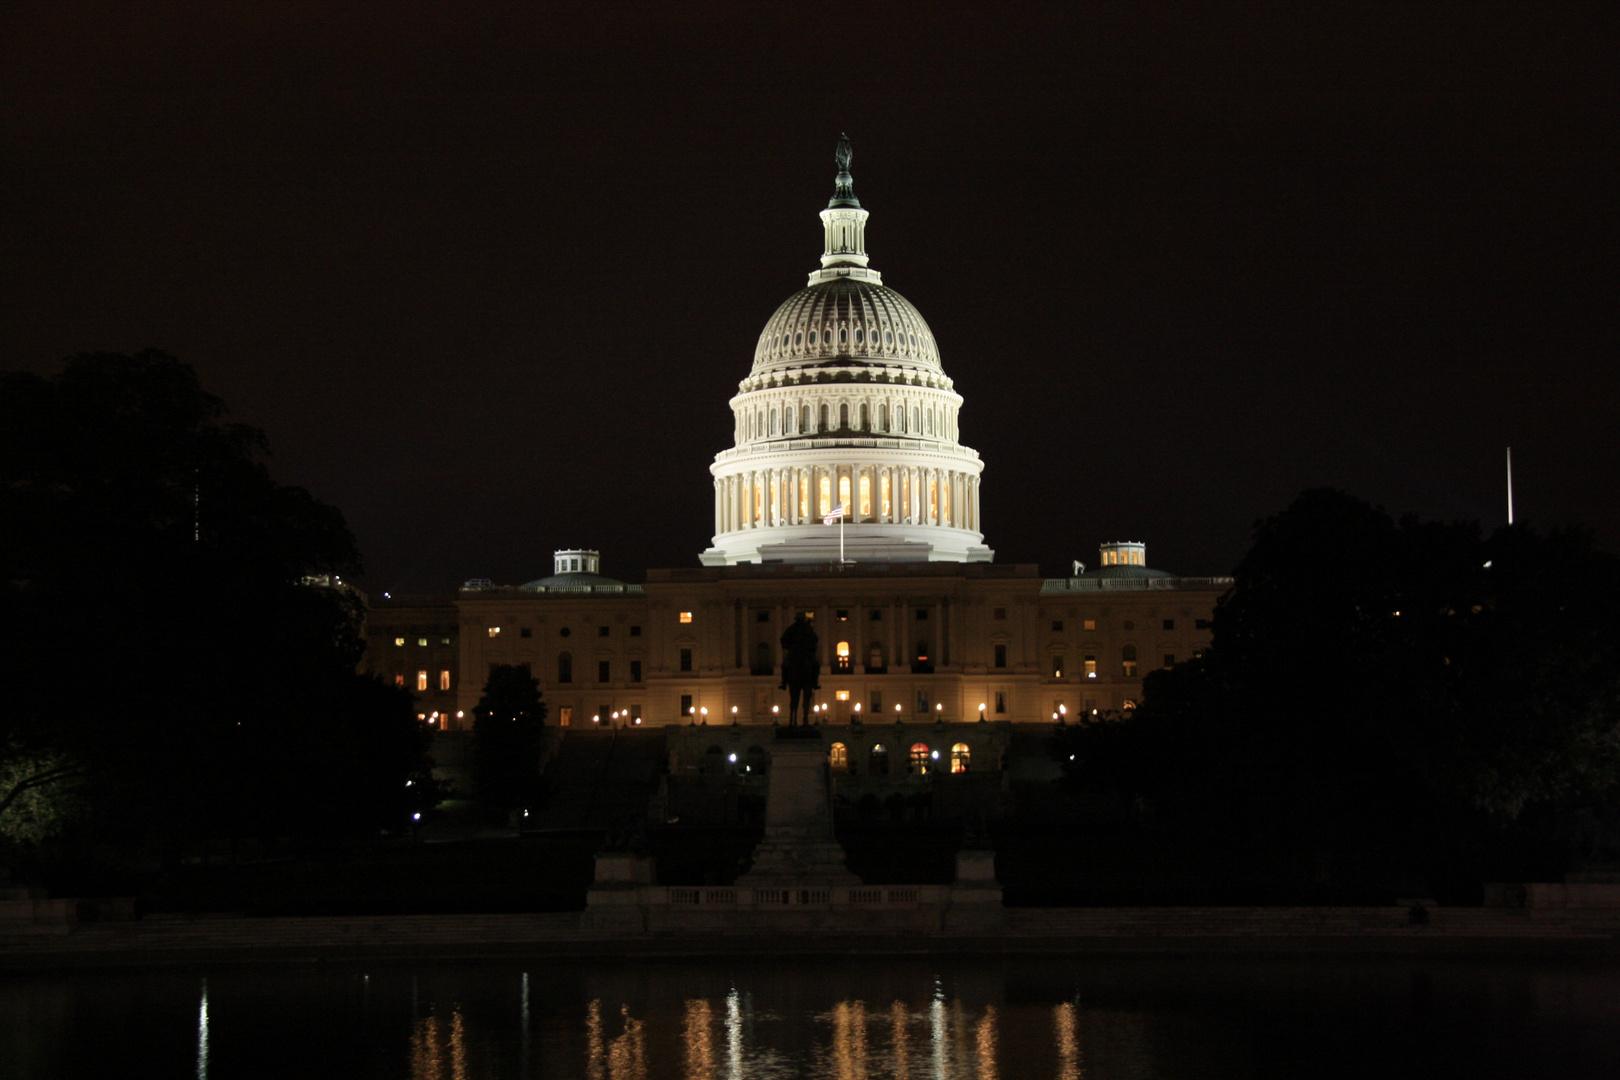 Amerikas Zentrum bei Nacht